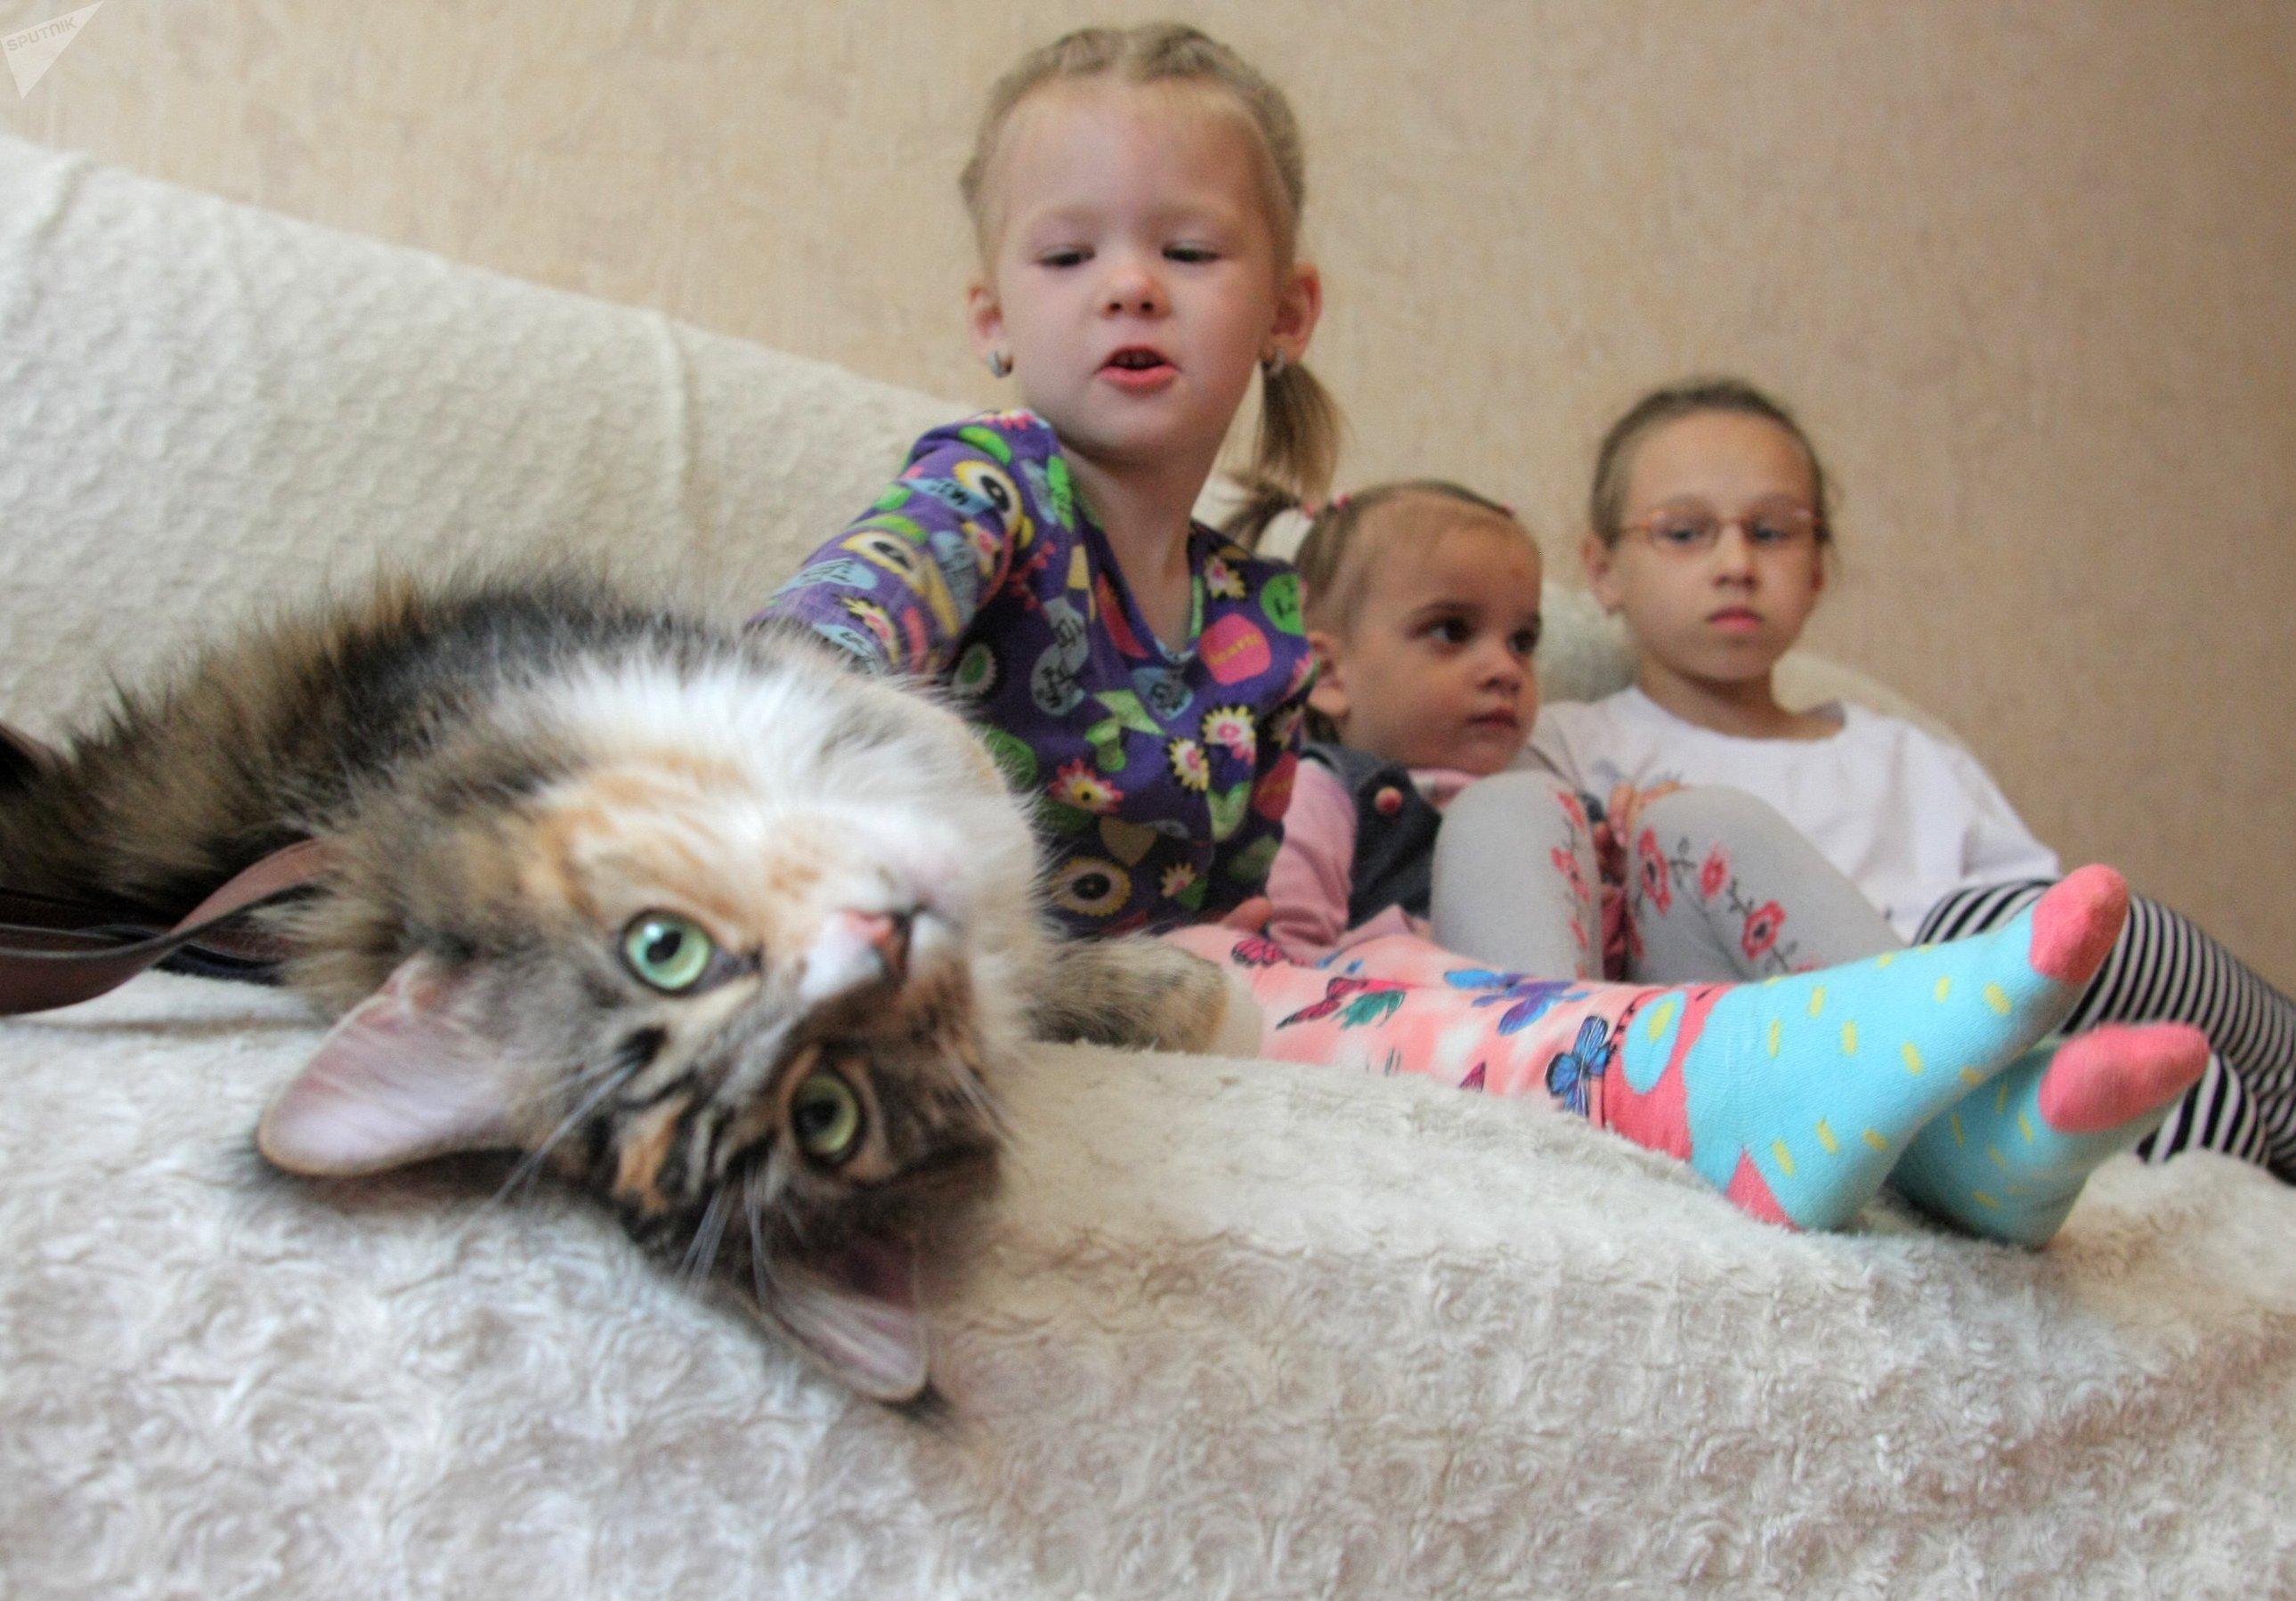 Те, кто знал Яну раньше, даже не верят, что за год ребенок мог так измениться - даже кошка Рысь доверяет ей, не ожидая подвоха, хотя первое время предпочитала обходить стороной